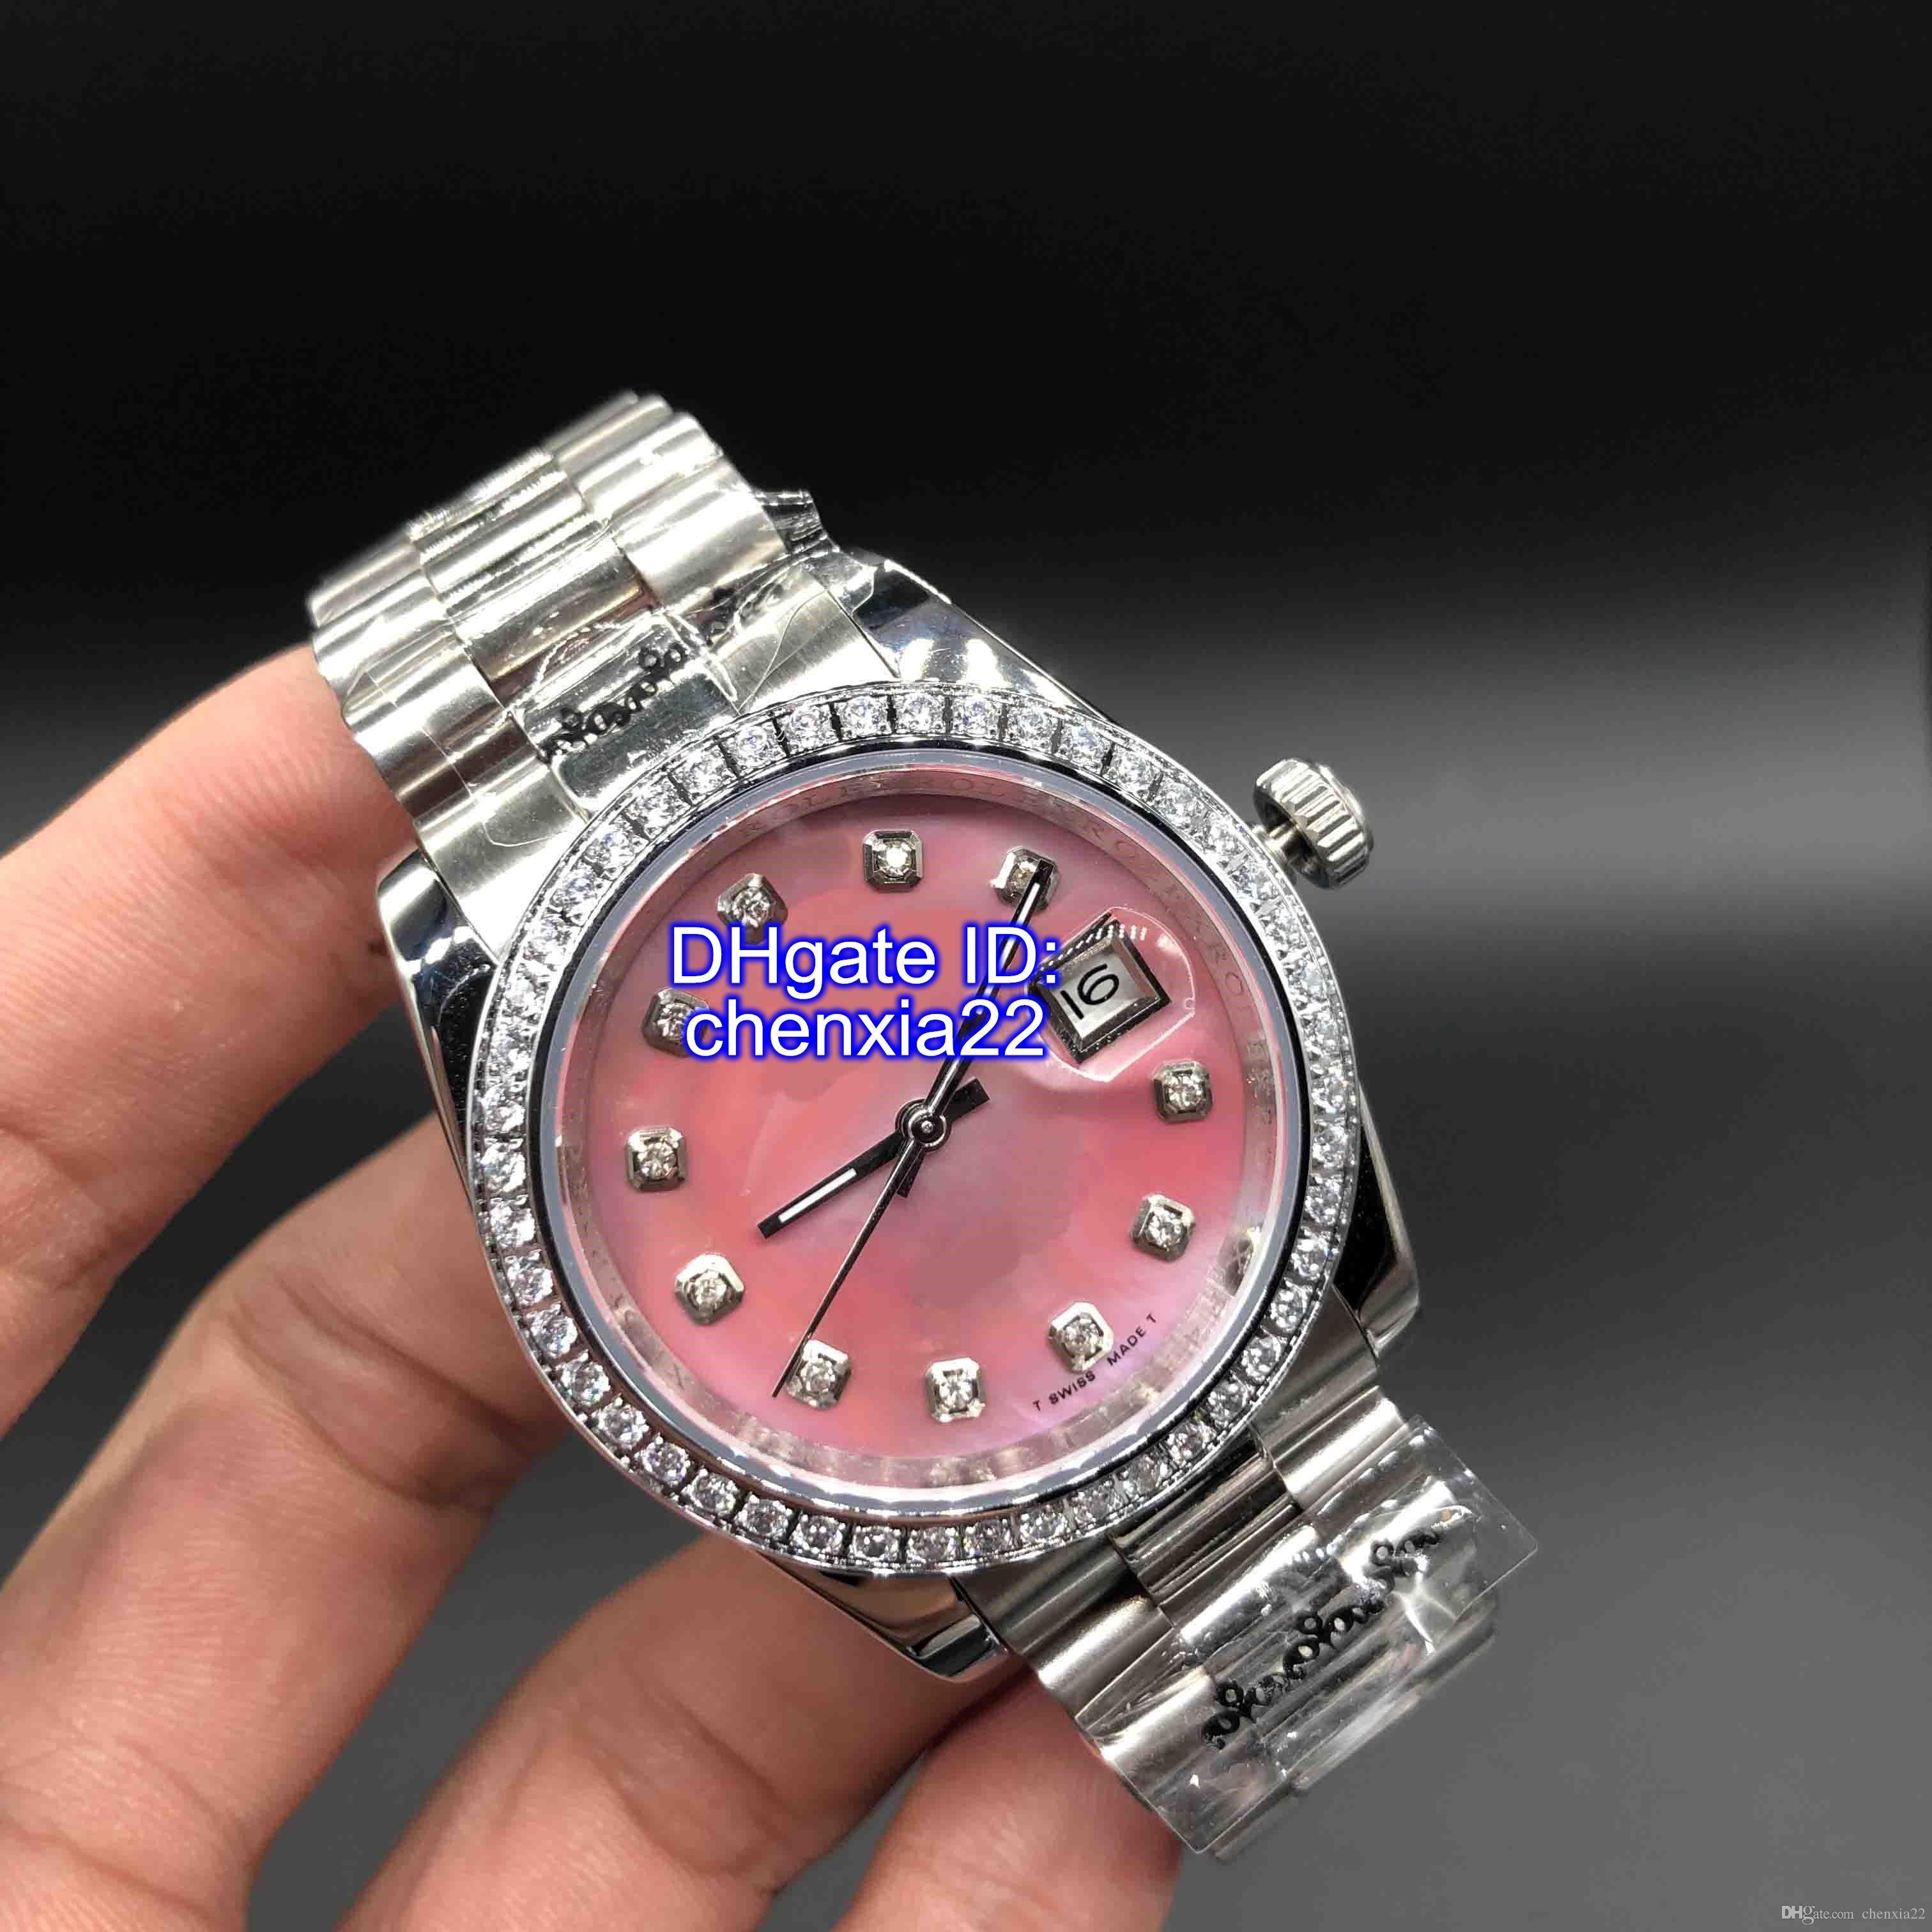 Relógios de luxo DateJust Relógios Diamante Mark Shell Rosa Dial Mulheres Relógios Em Aço Inoxidável Senhoras Relógio de Pulso Automático dos Namorados Melhor Presente 36mm